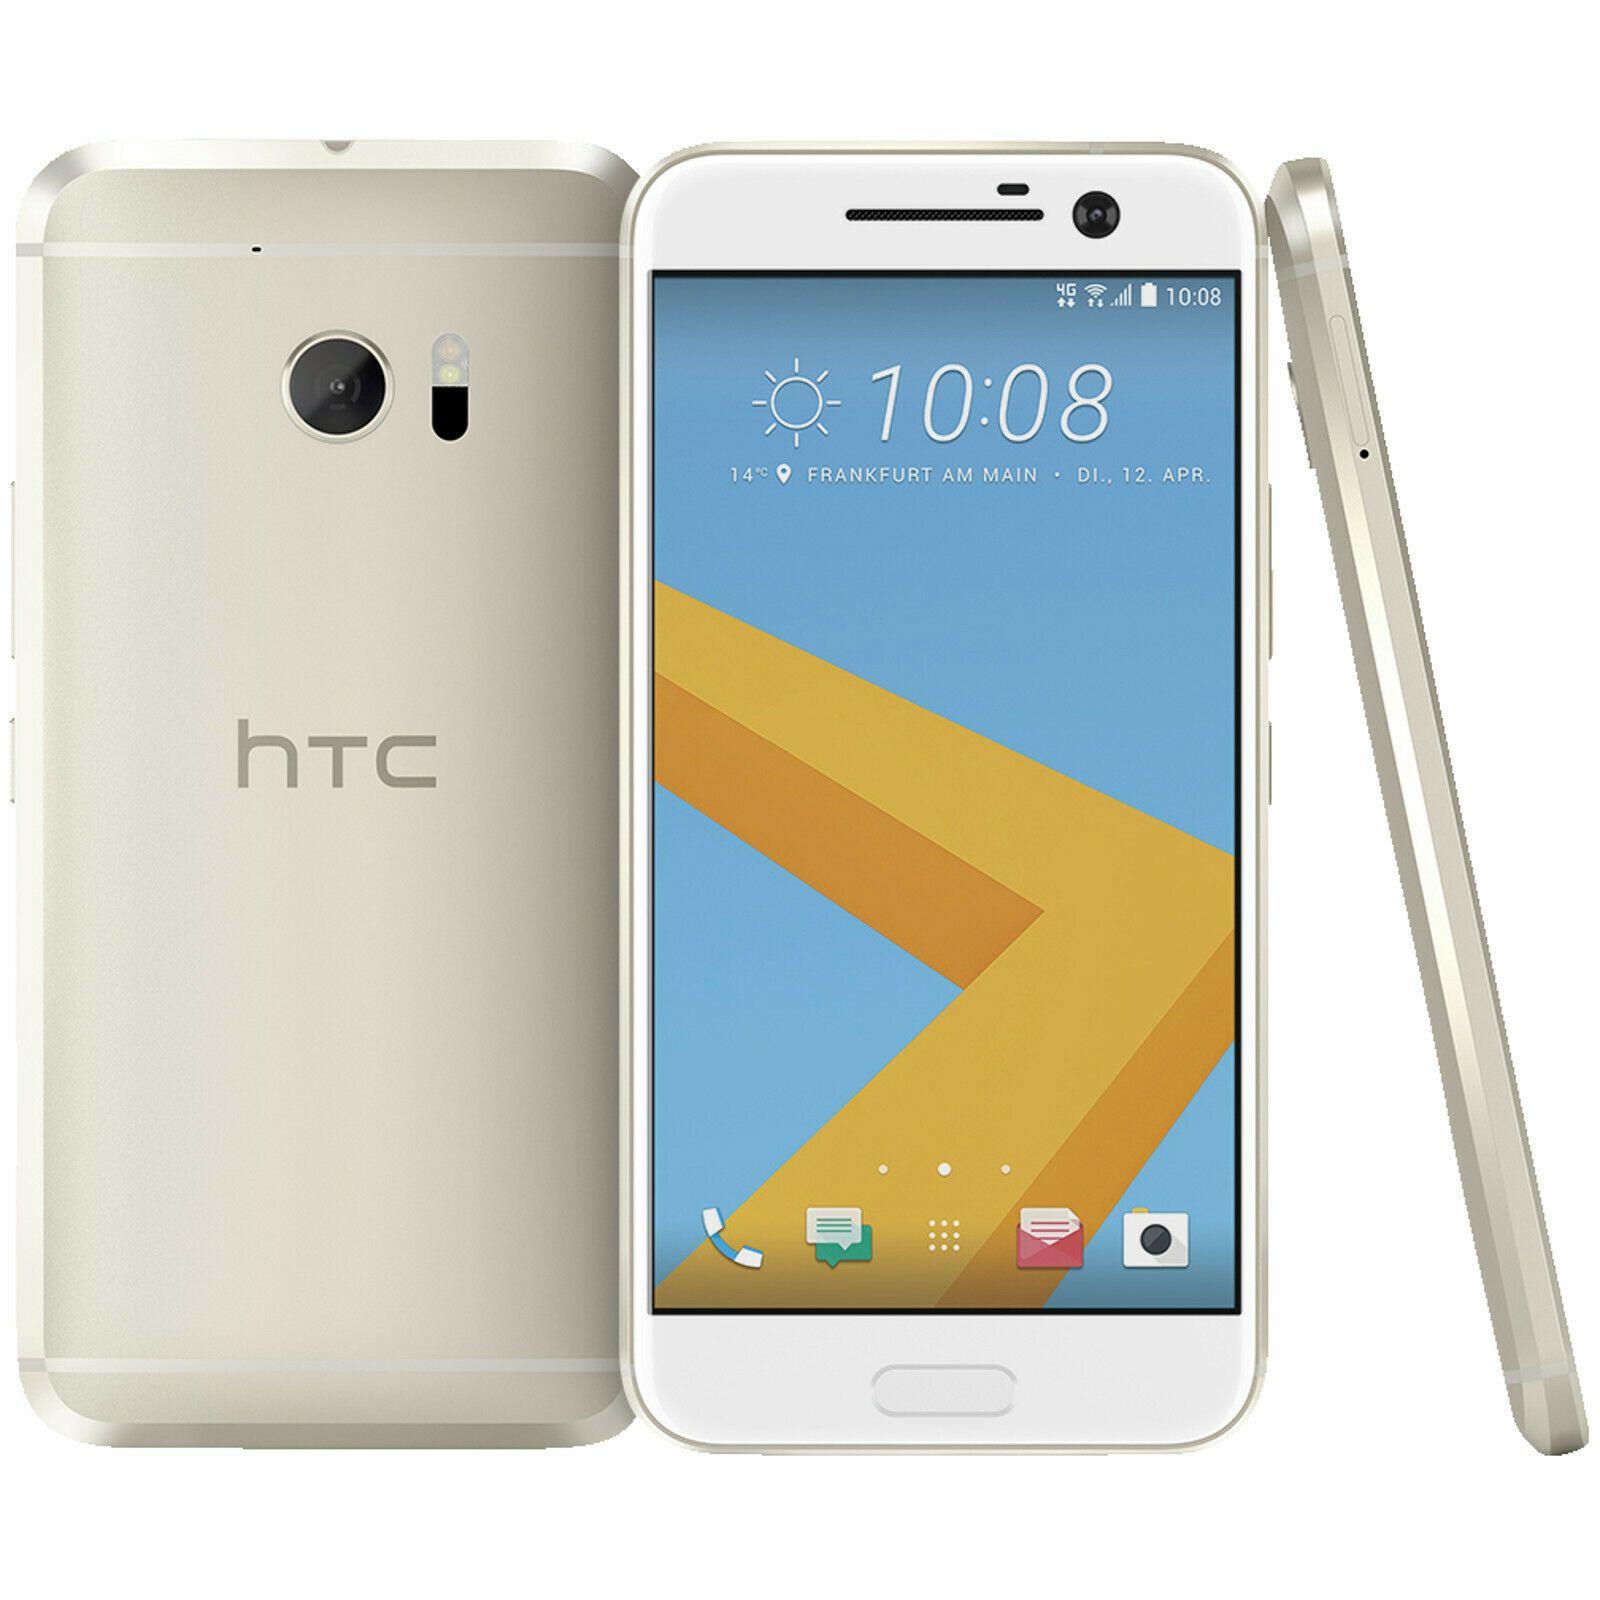 Saturn über eBay HTC 10 Gold 32GB Smartphone mit Code MEHRSPAREN10 für 149€